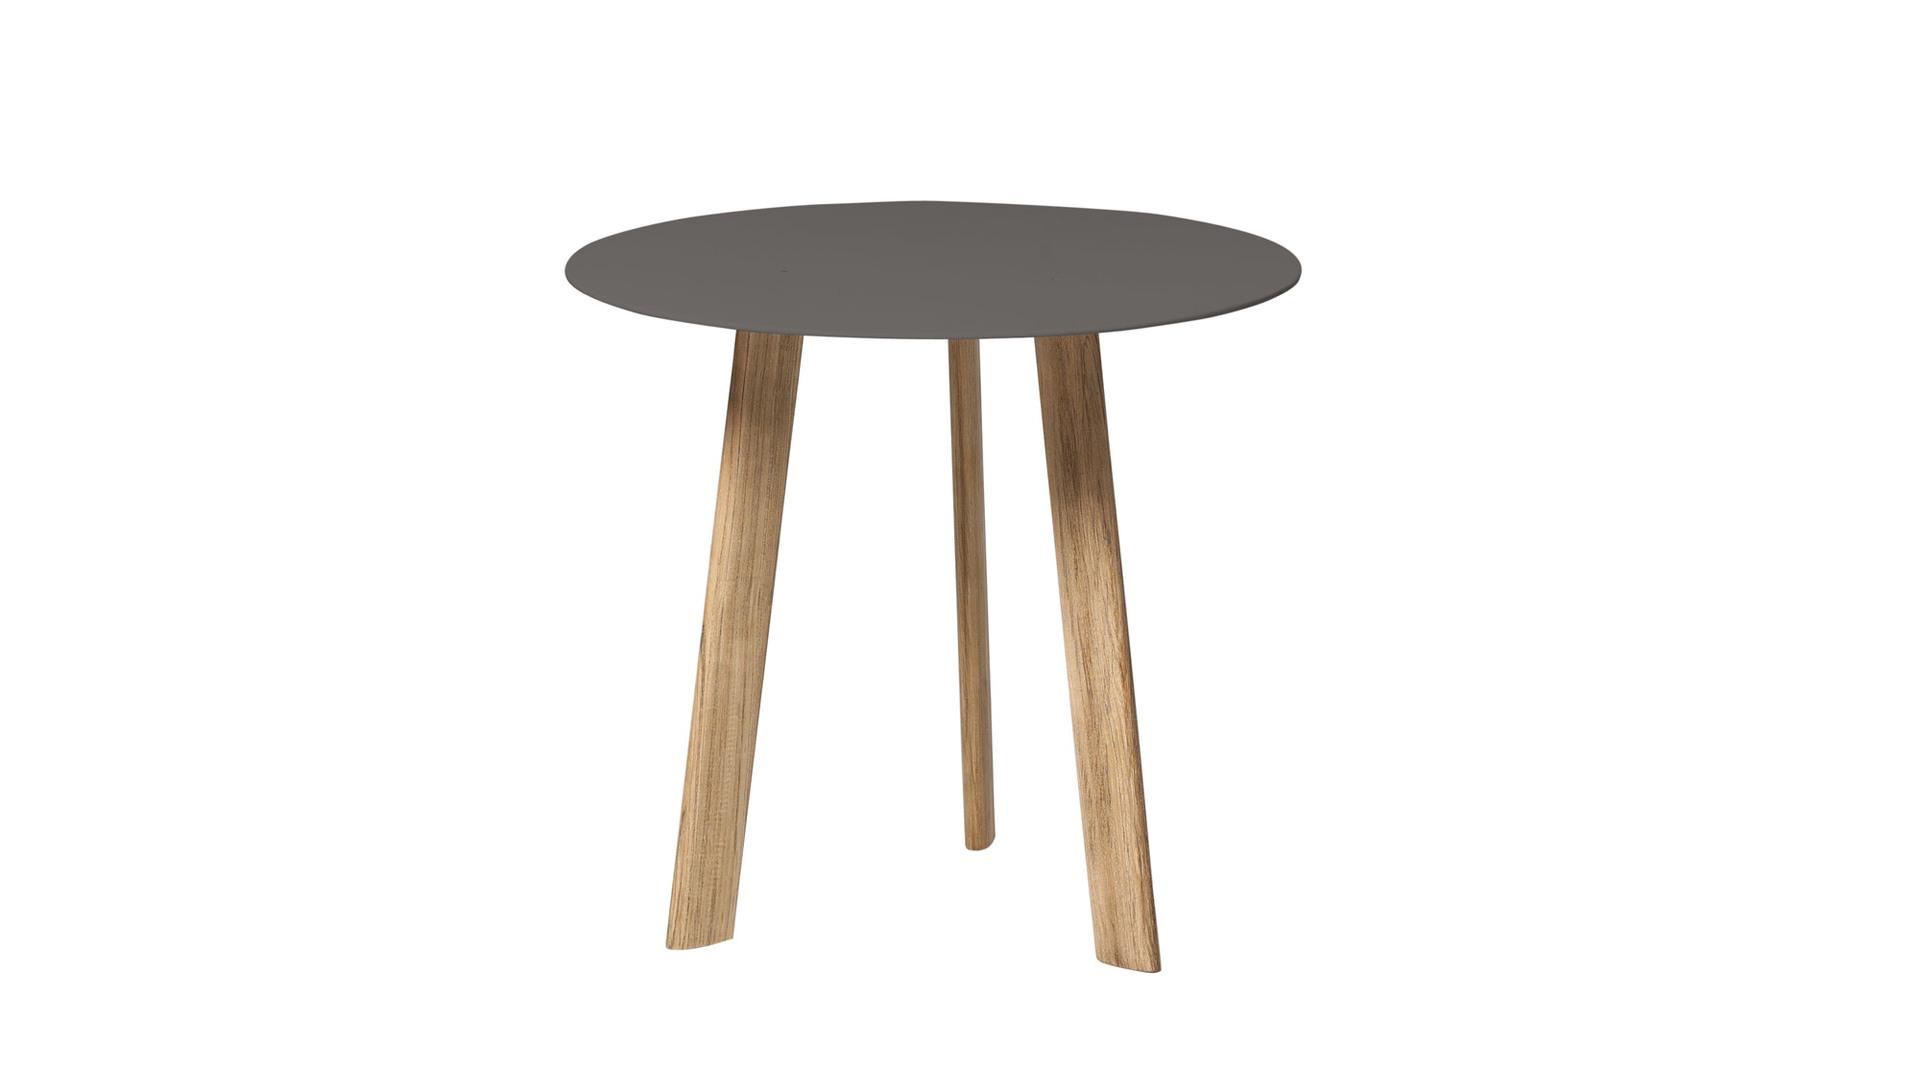 Ile_table_H51dia-50_wenge.jpg